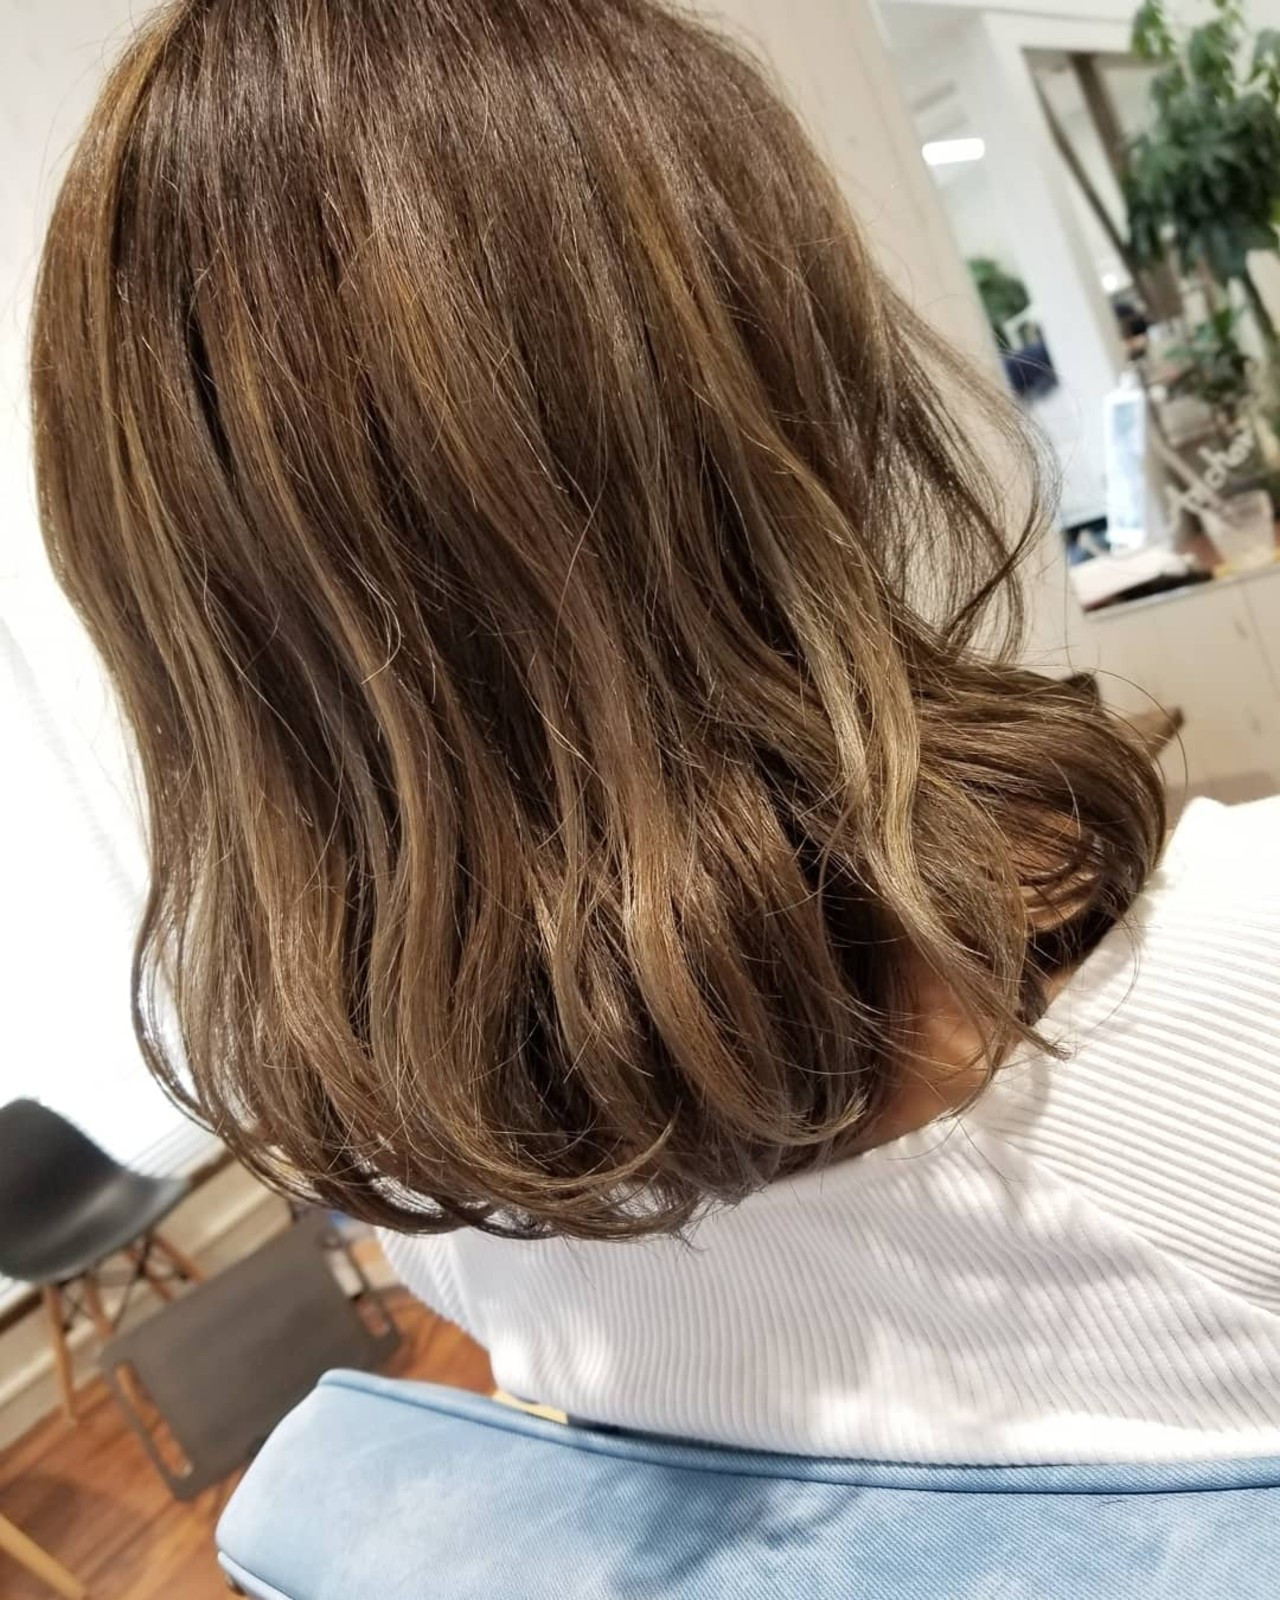 透明感 フェミニン 外国人風 ミディアム ヘアスタイルや髪型の写真・画像